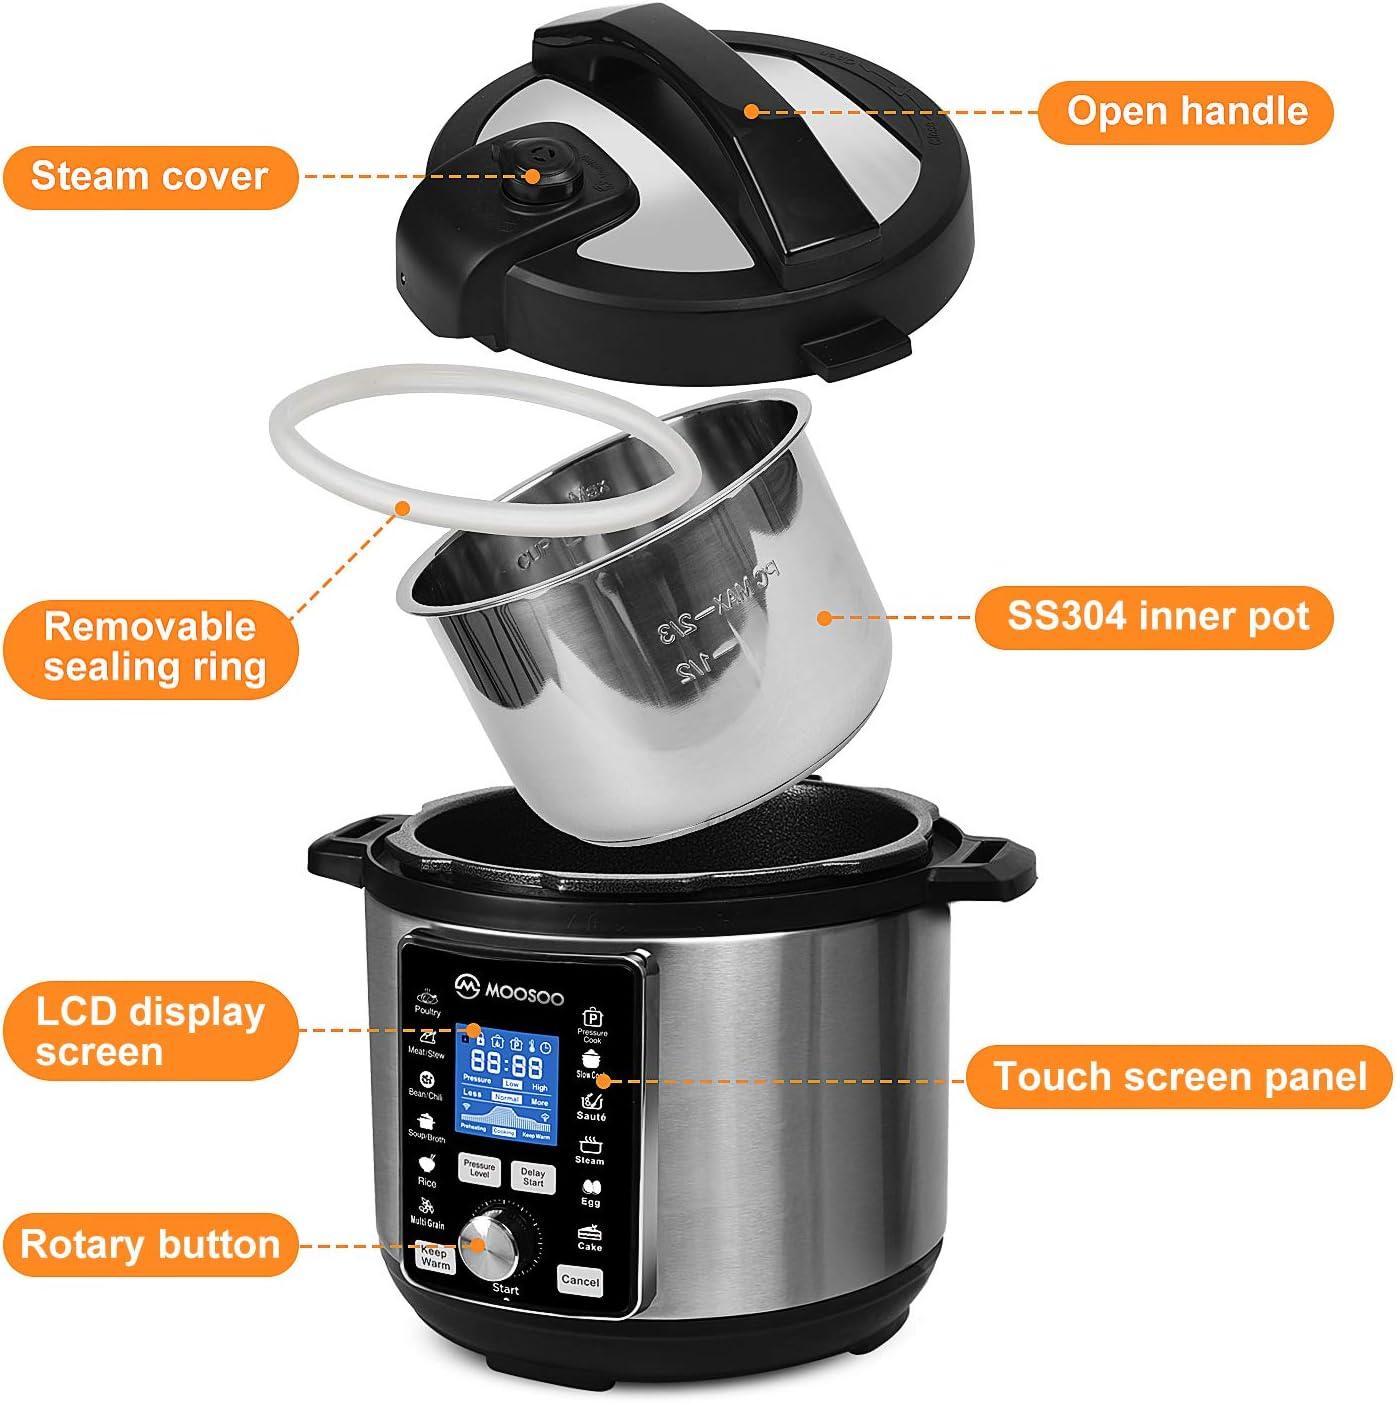 MOOSOO 13-in-1 Electric Pressure Cooker